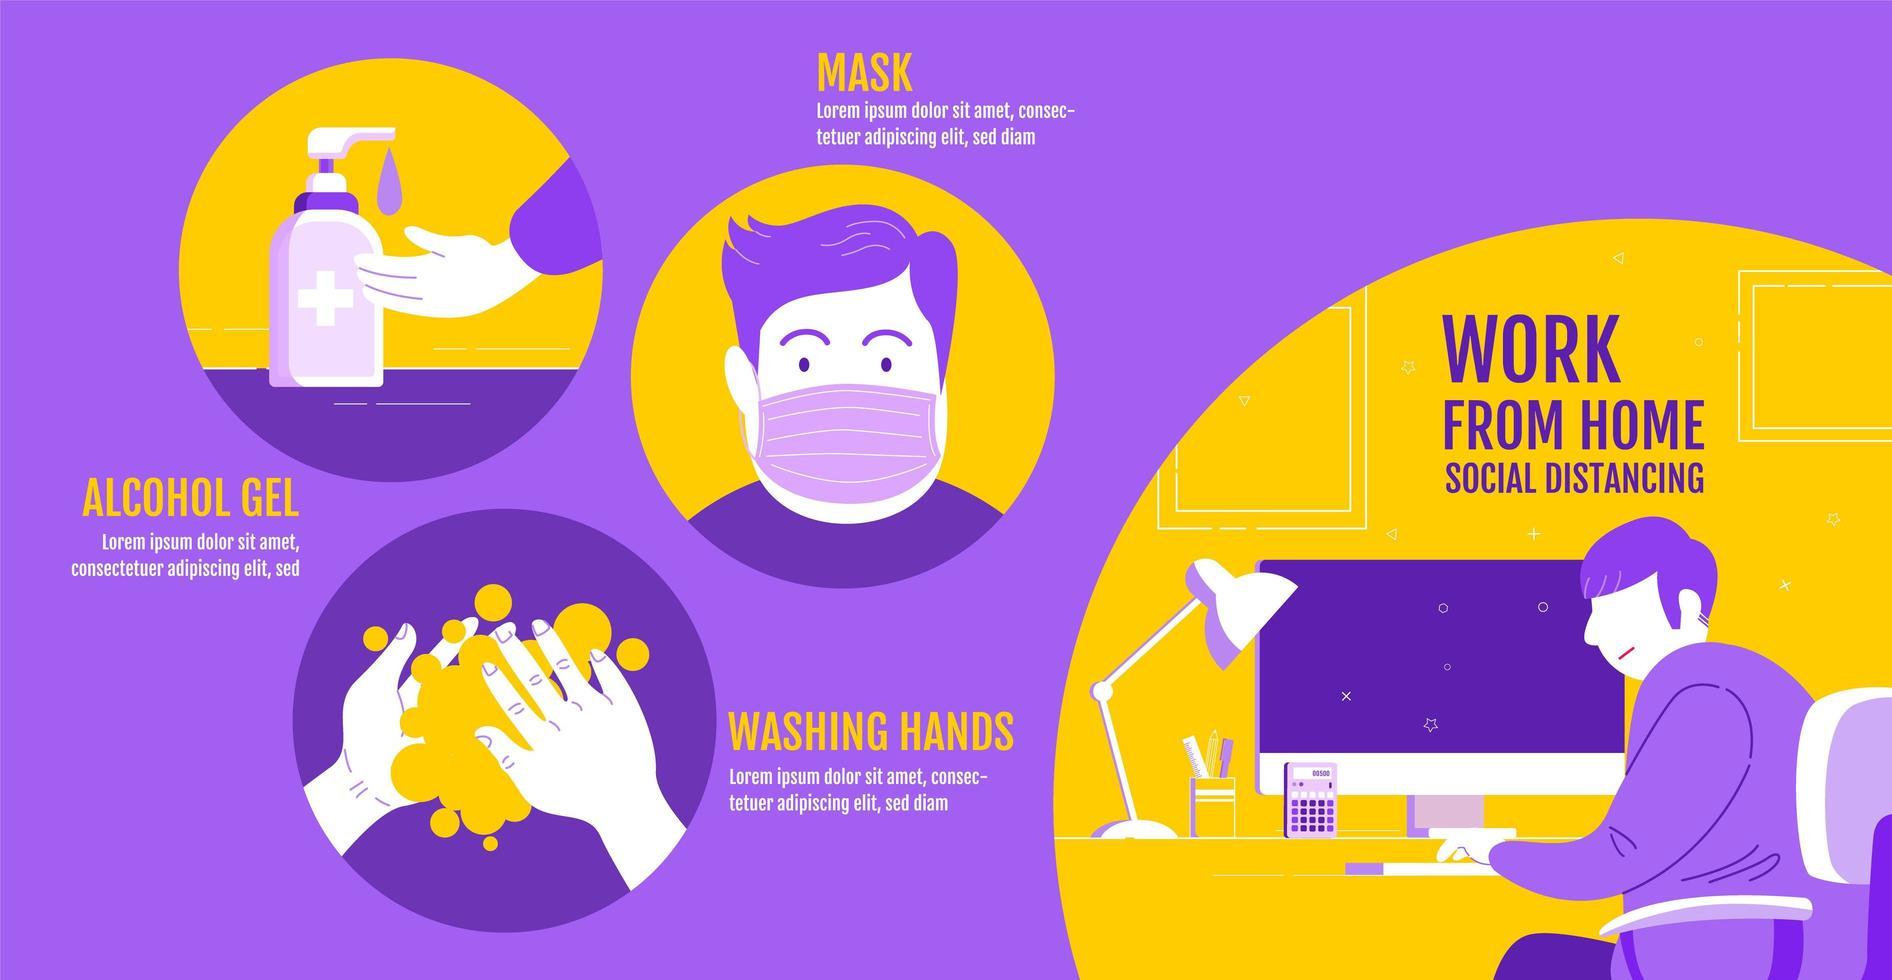 affiche avec des icônes de protection contre les virus et un homme travaillant à domicile vecteur